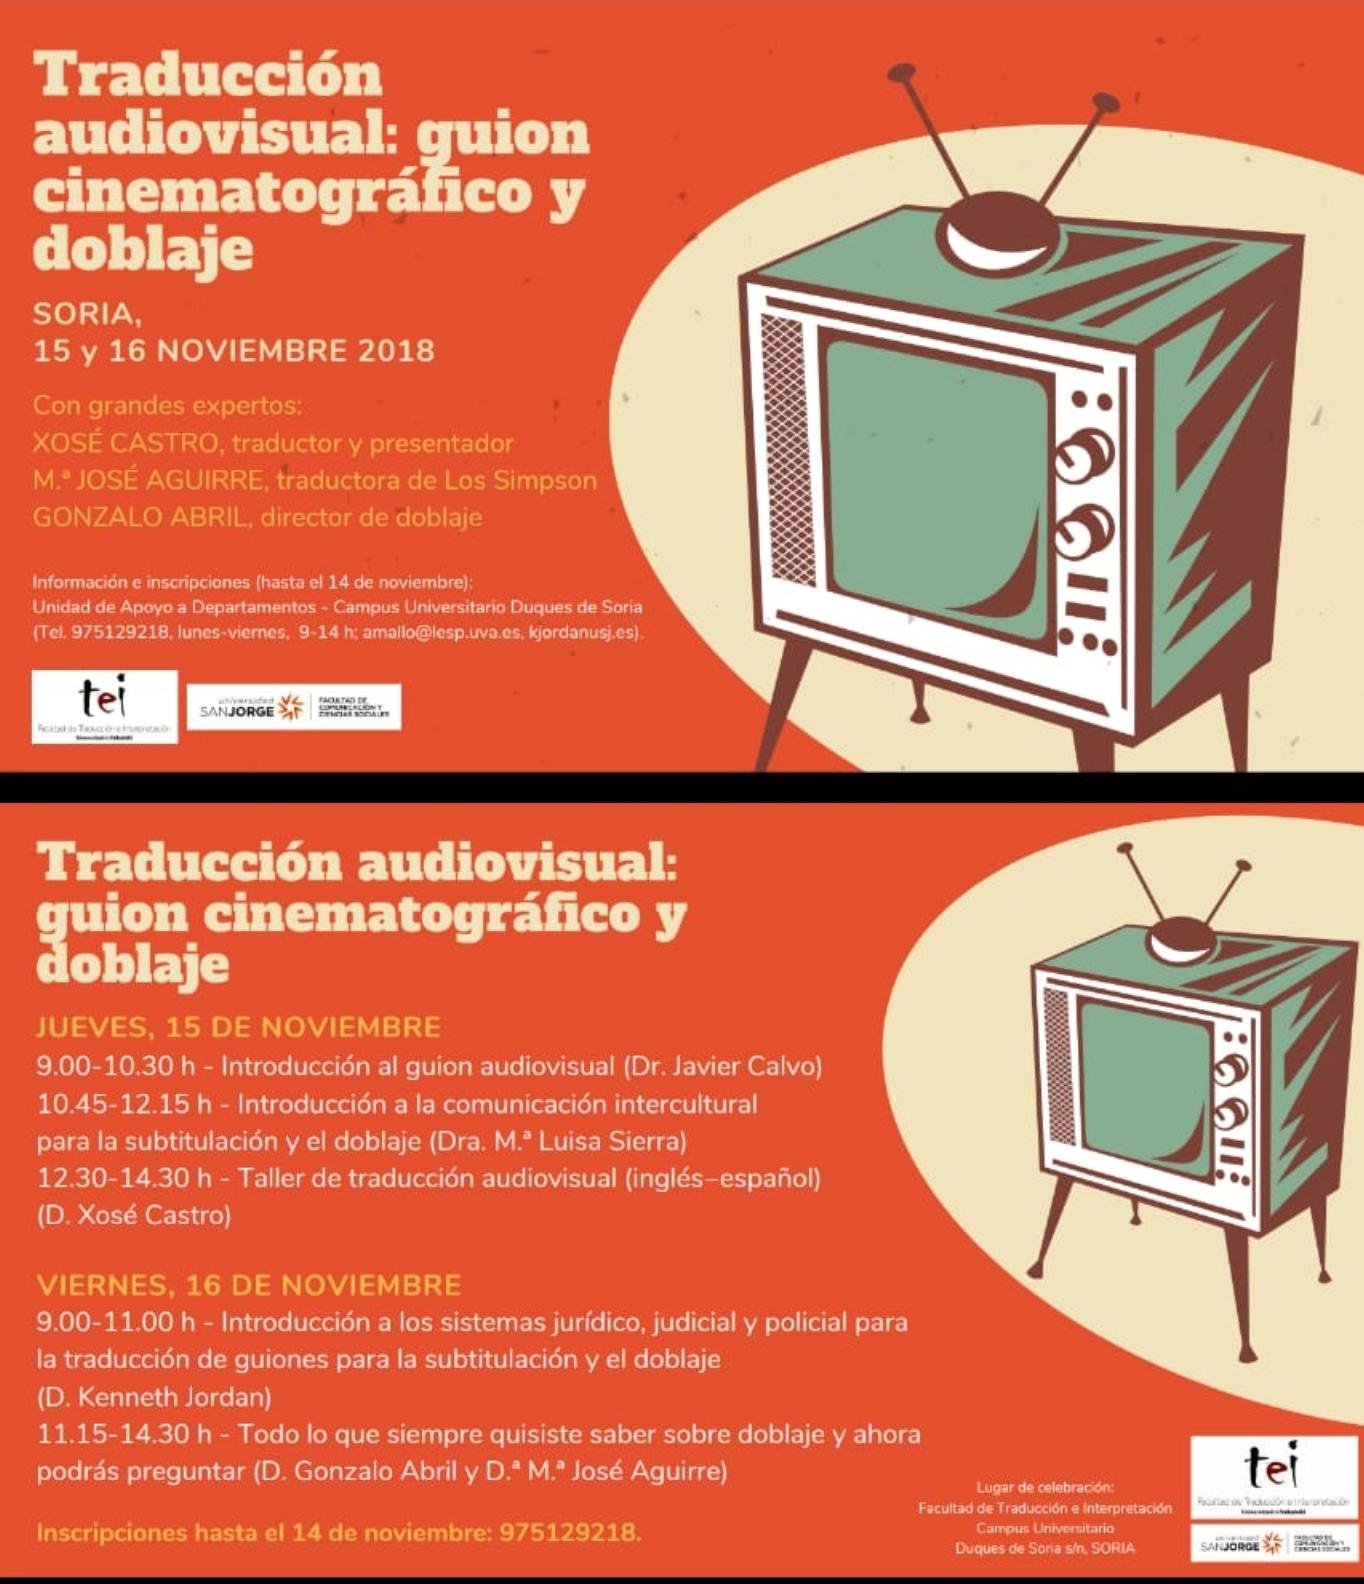 Curso de doblaje y traducción audiovisual en Soria   Imagen 1